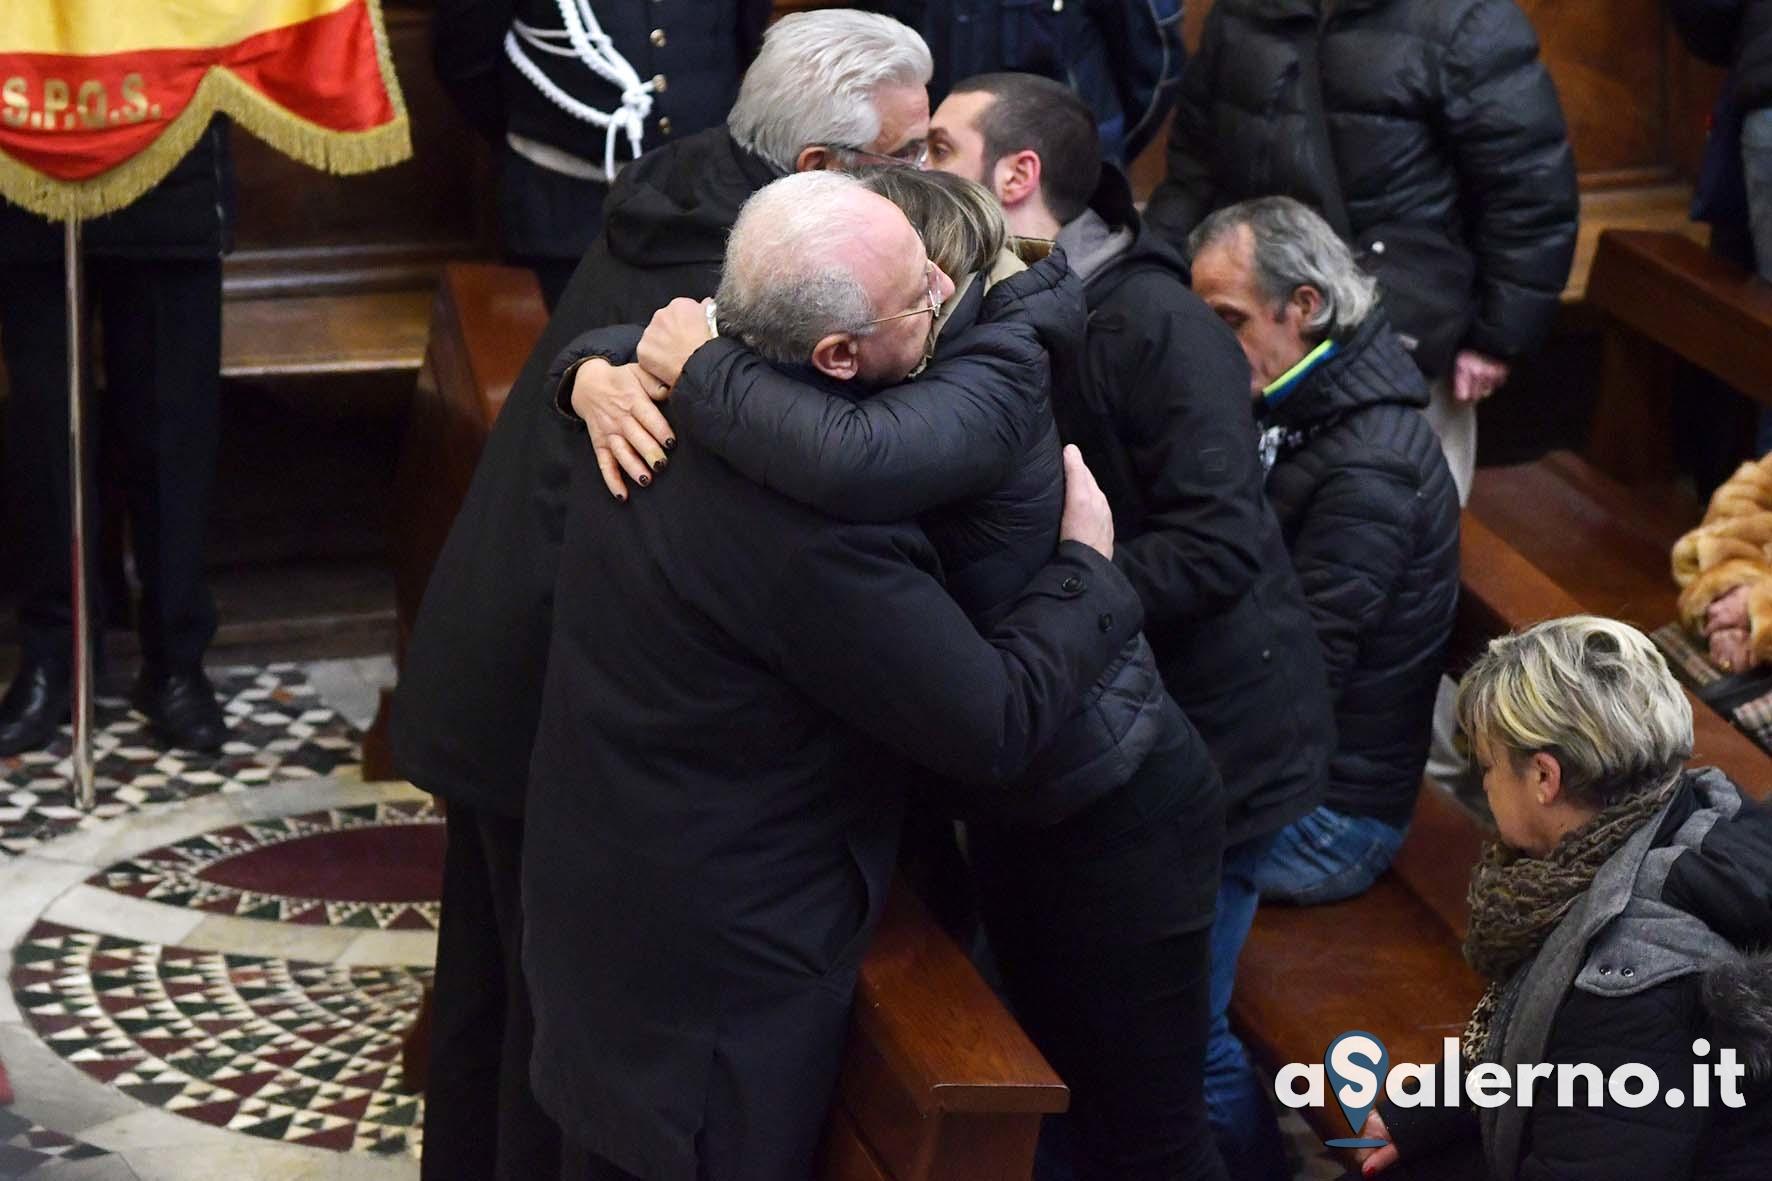 FuneraliDeAngelis19